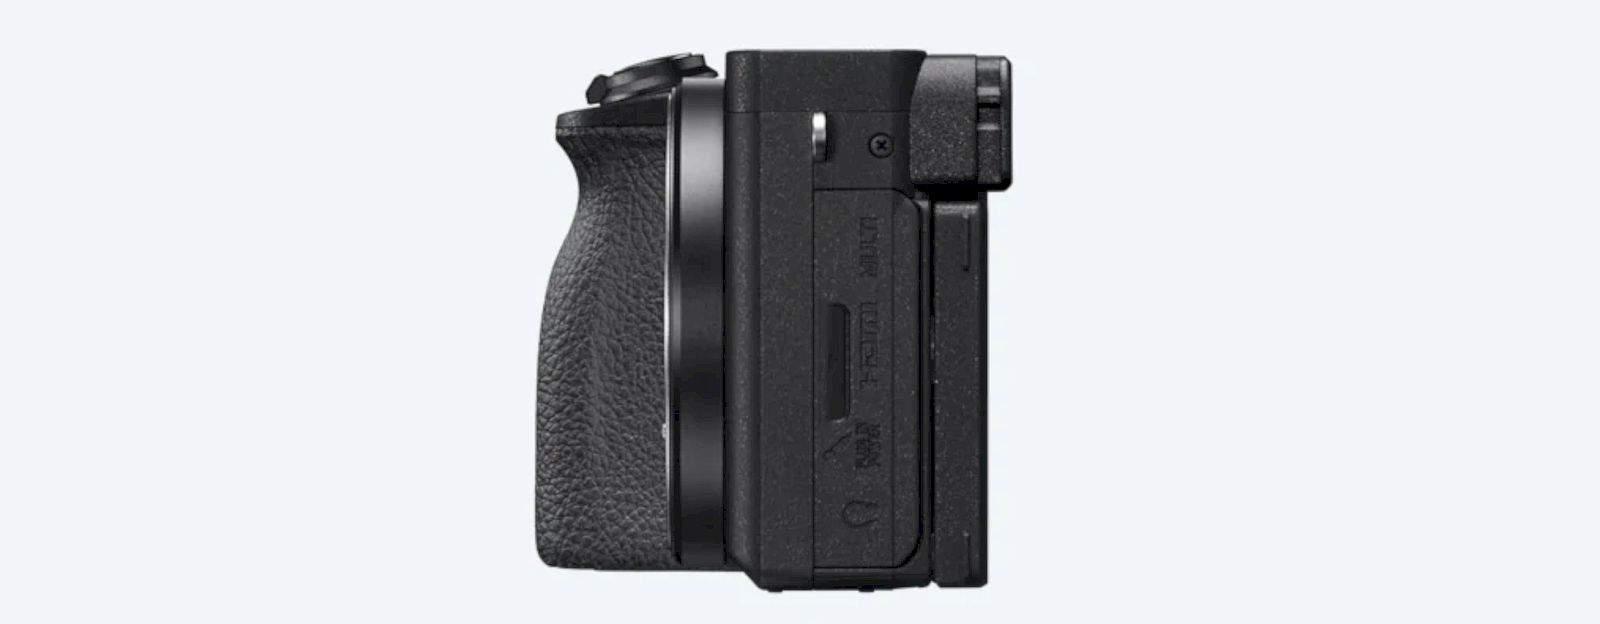 Sony α6600 Aps C Camera 7